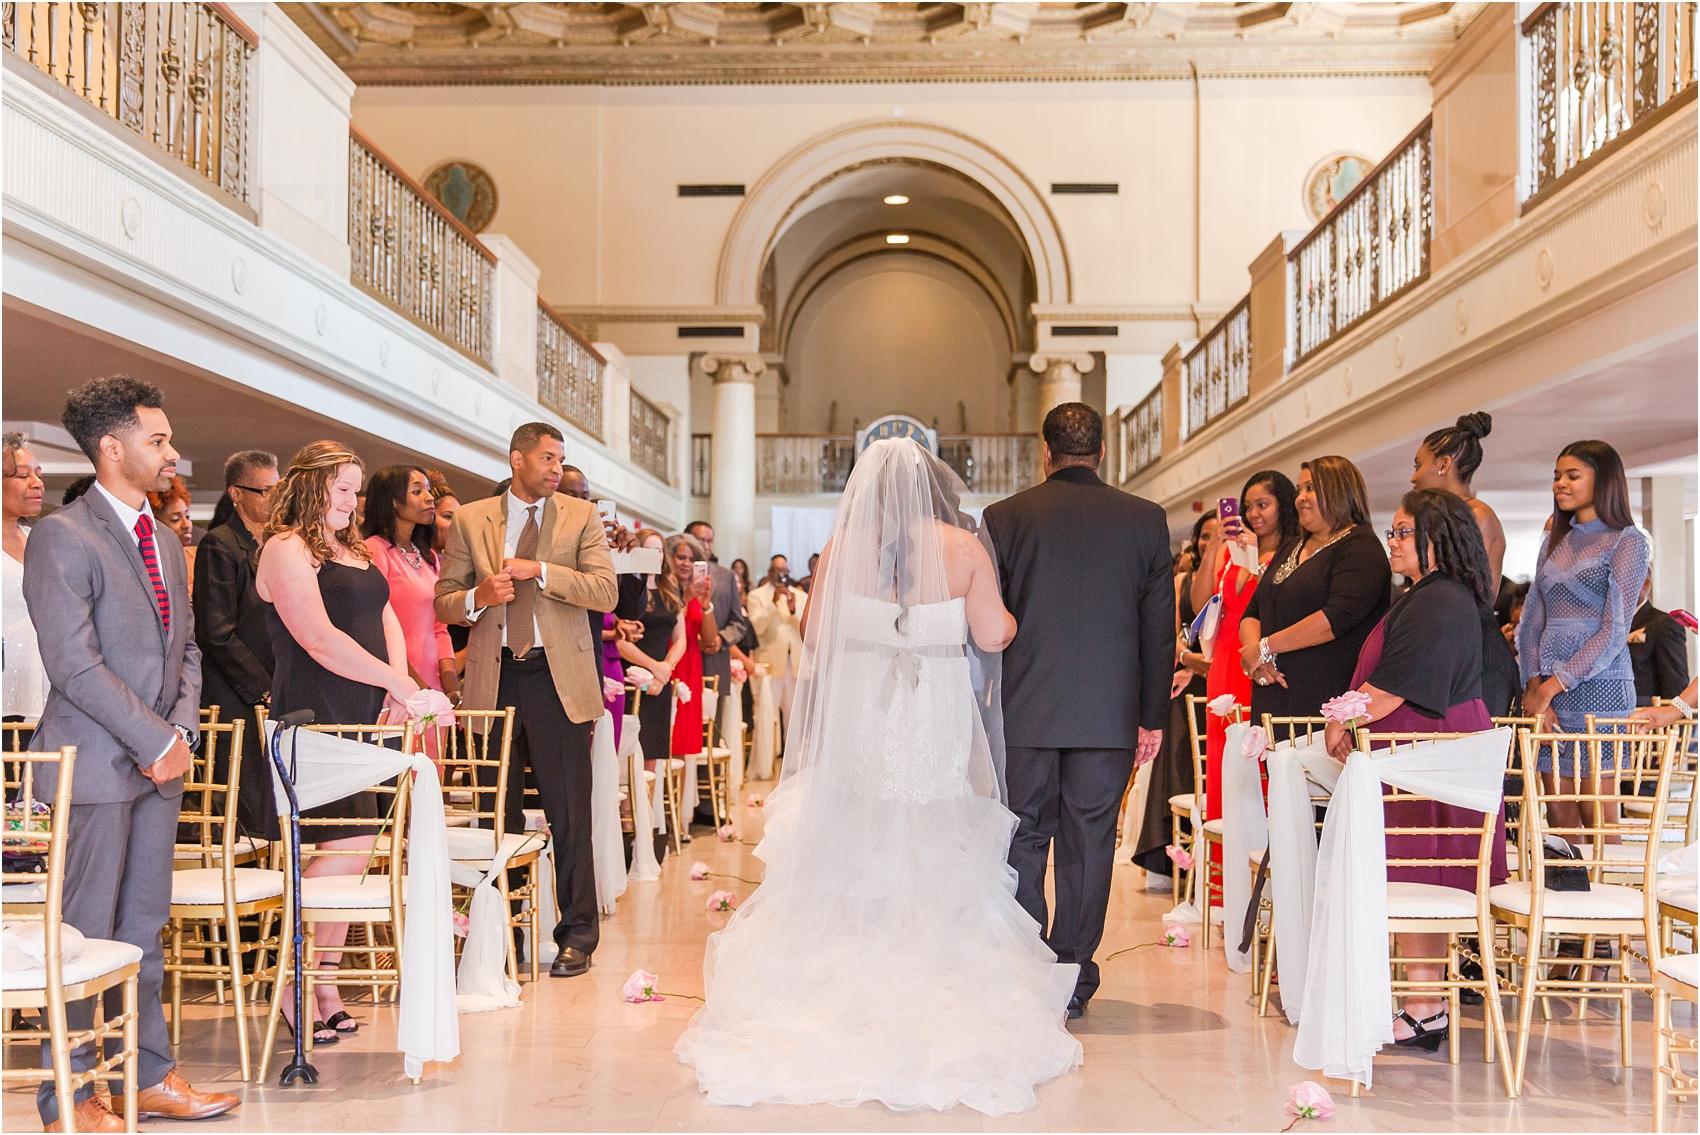 minimalist-and-modern-wedding-photos-at-30-north-saginaw-in-pontiac-michigan-by-courtney-carolyn-photography_0037.jpg